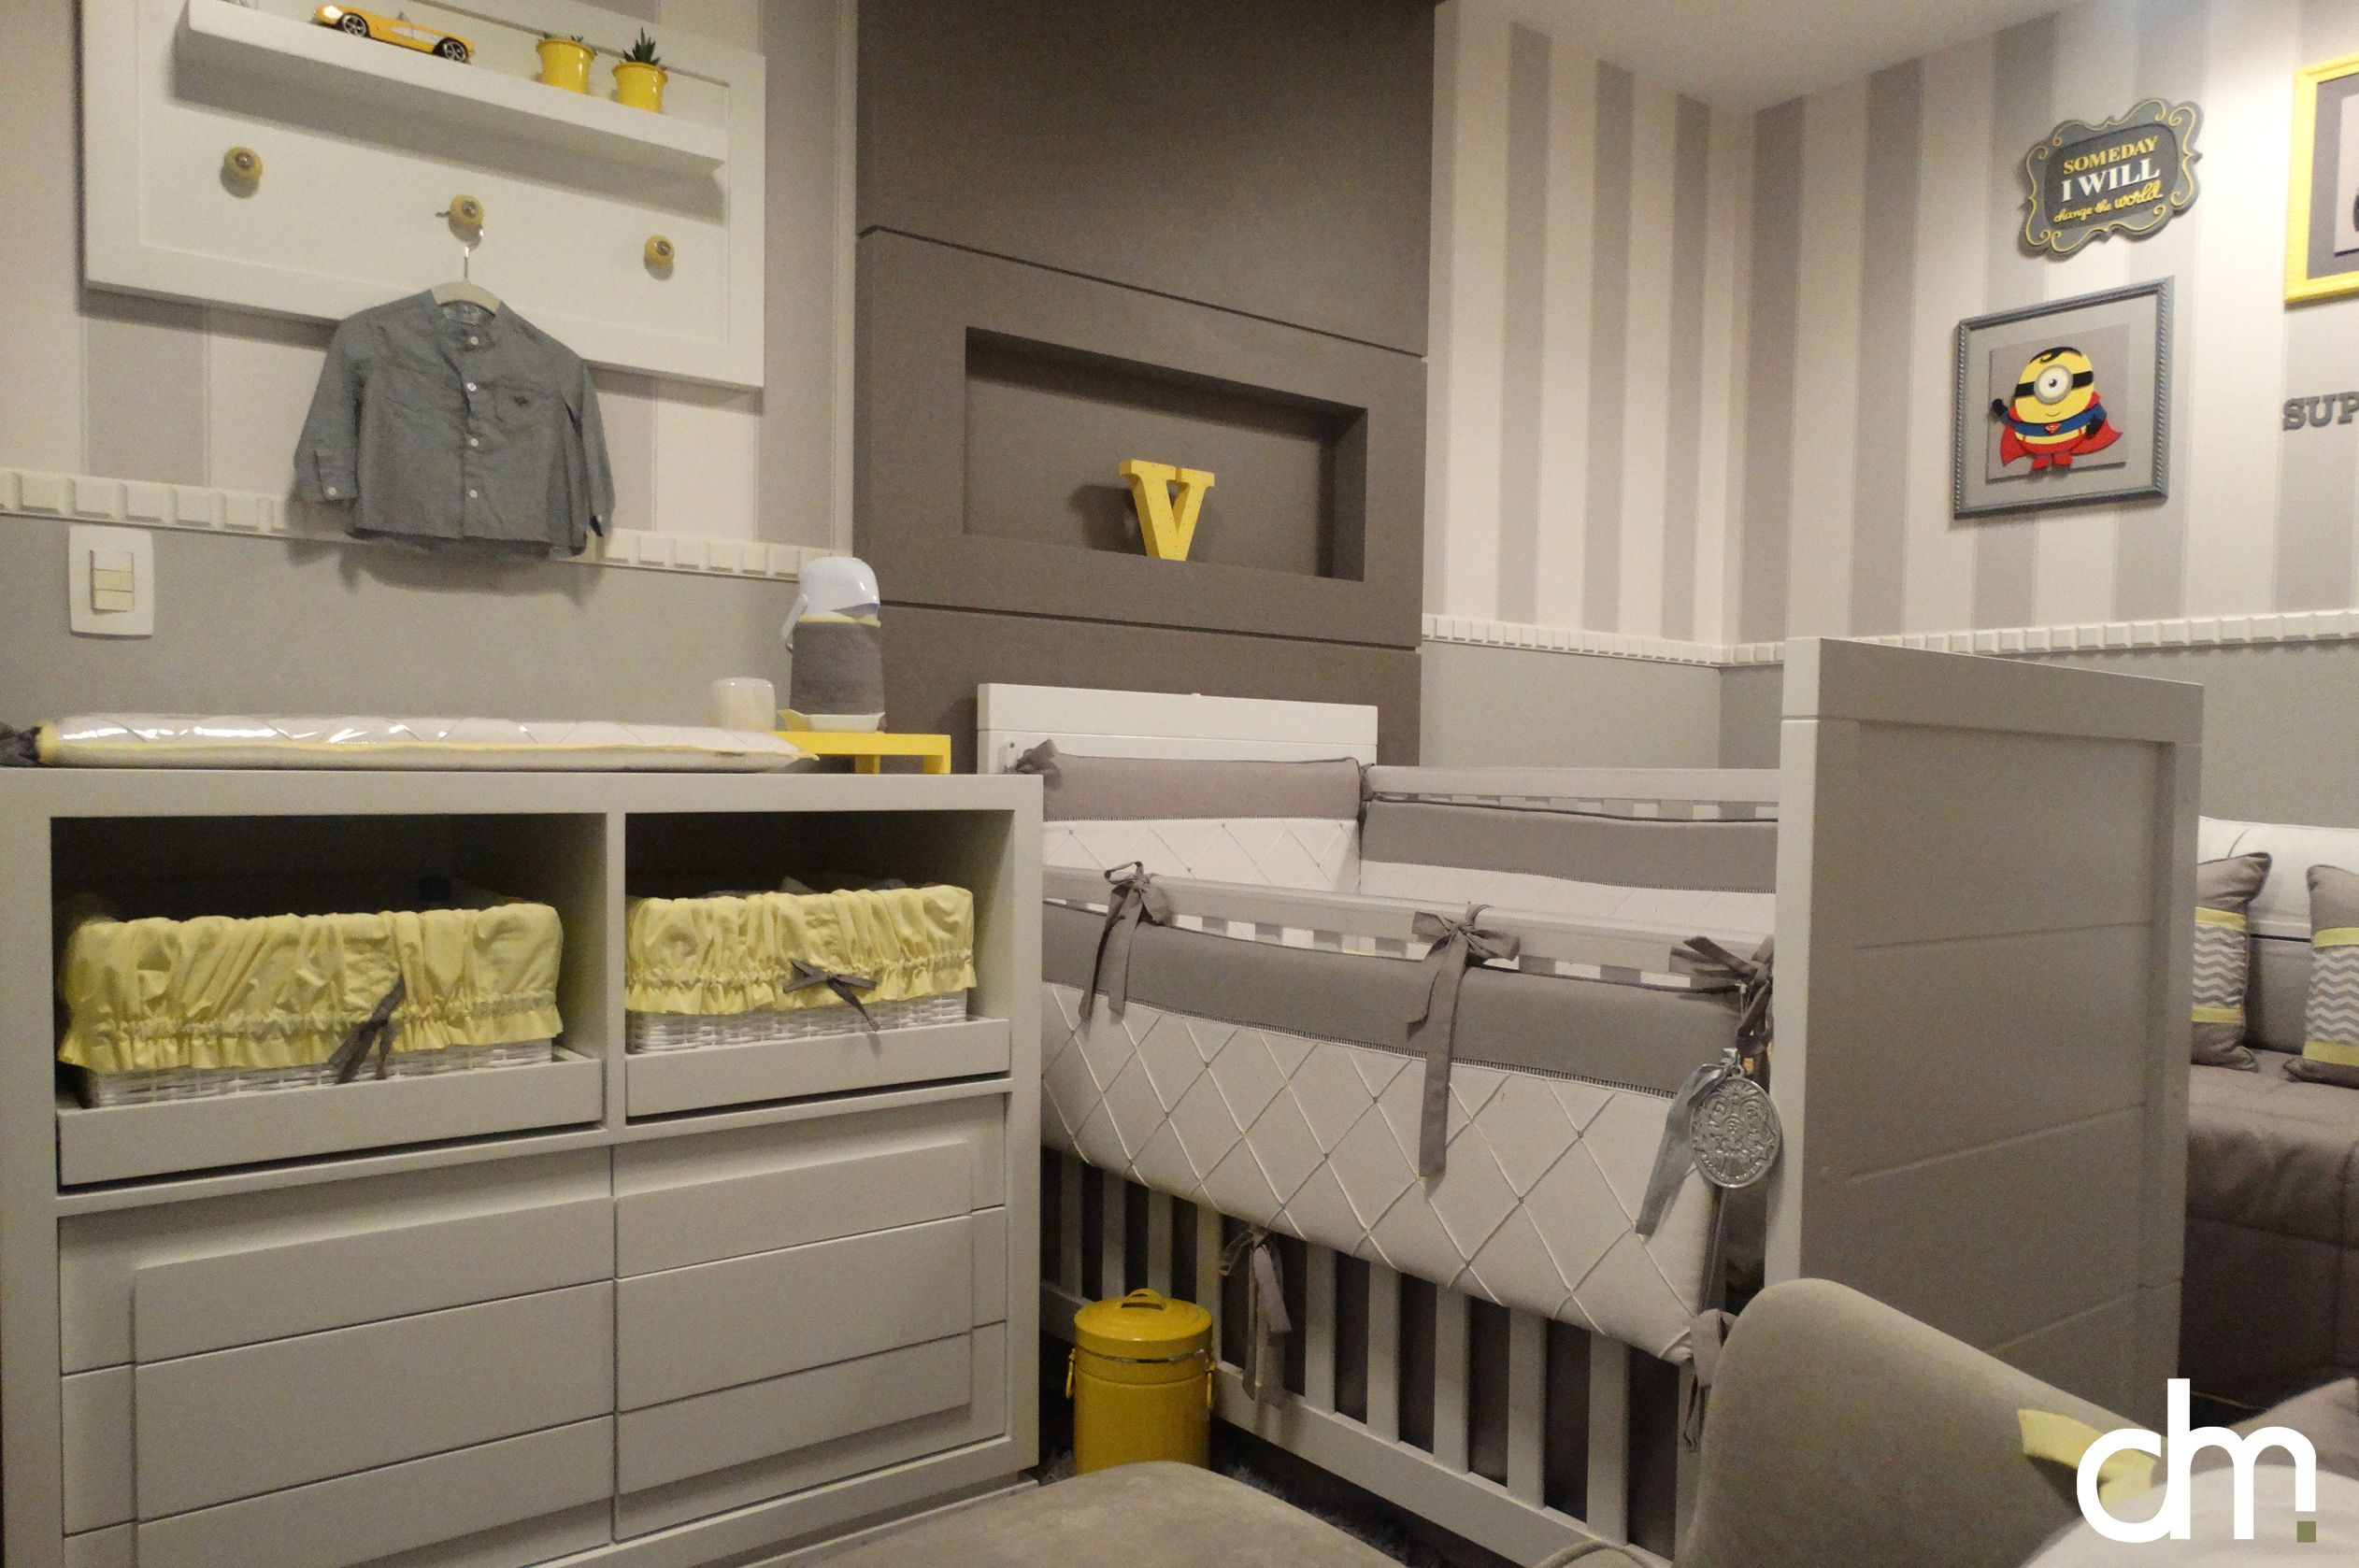 Decora O De Quarto De Beb Em Tons De Cinza Amarelo E Branco  ~ Cortinas De Luxo Para Quarto E Quarto Amarelo E Branco